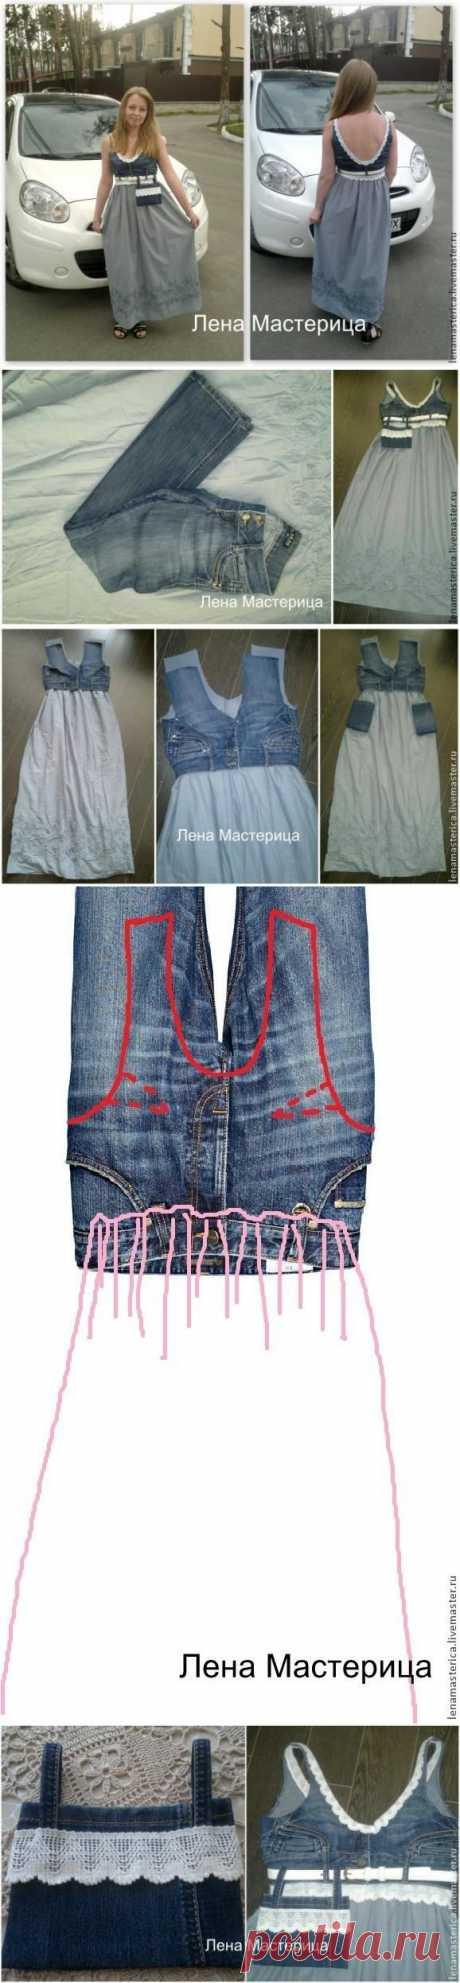 Переделка сарафана с помощью старых джинсов / Я - суперпупер